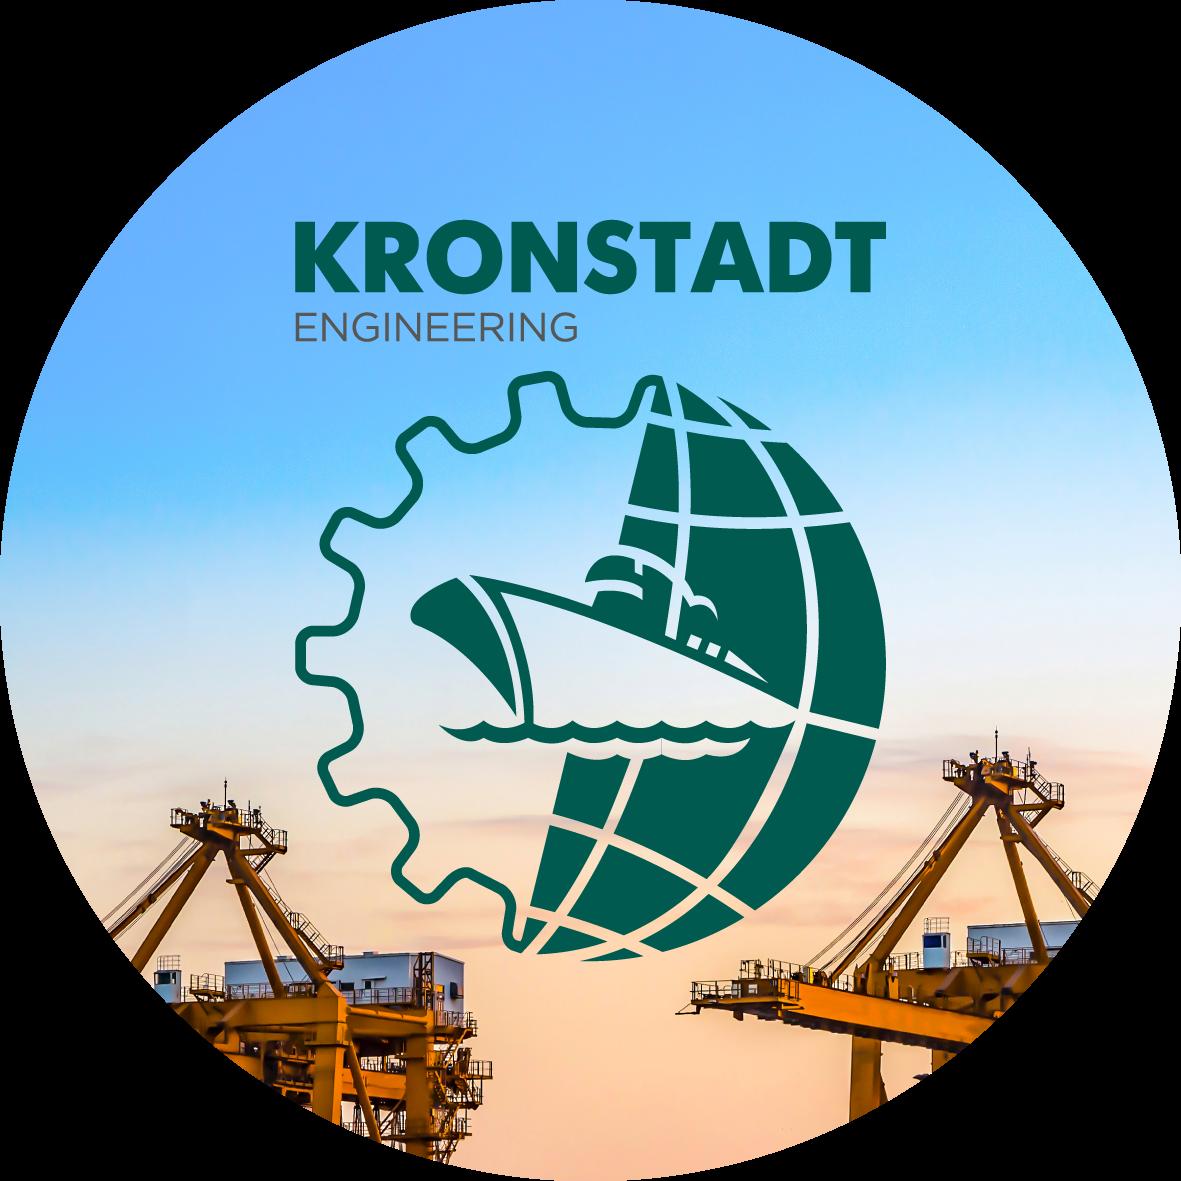 kron_company